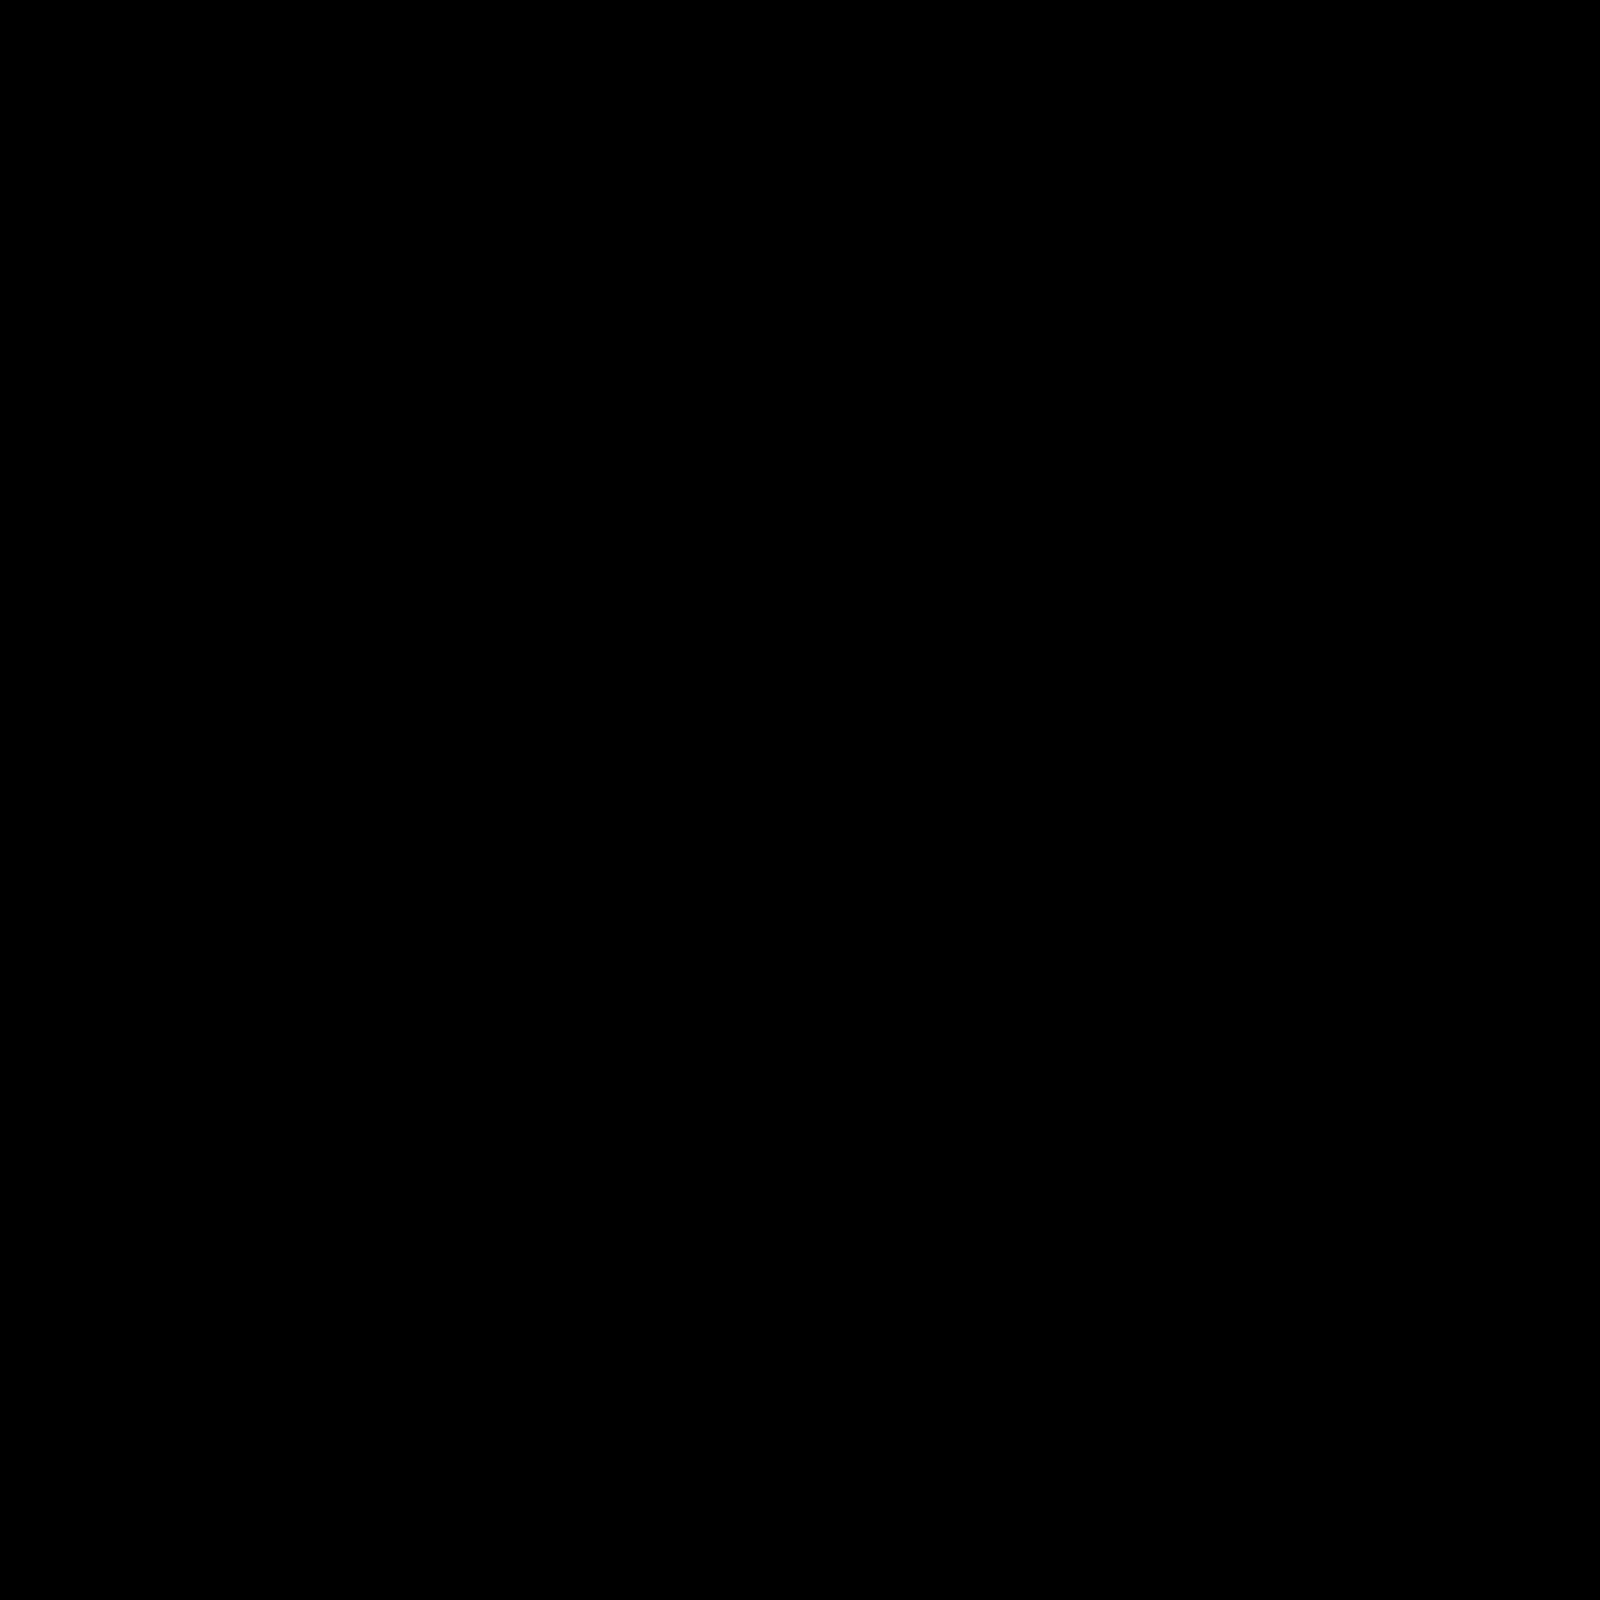 背面へ移動 icon